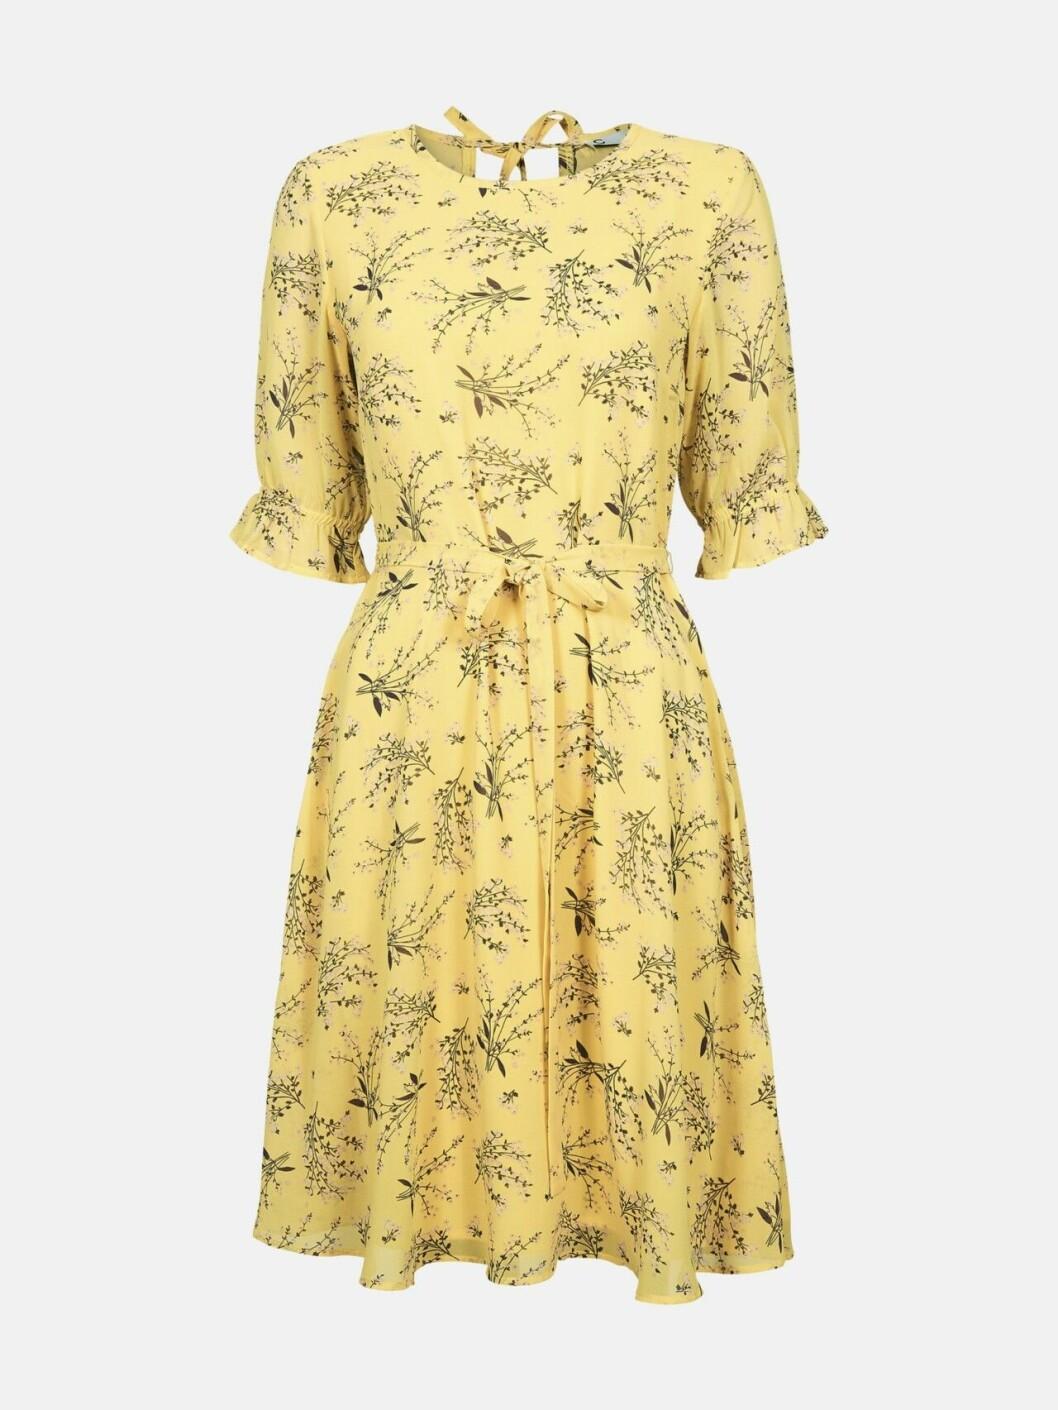 Ljusgul klänning till skolavslutningen 2019